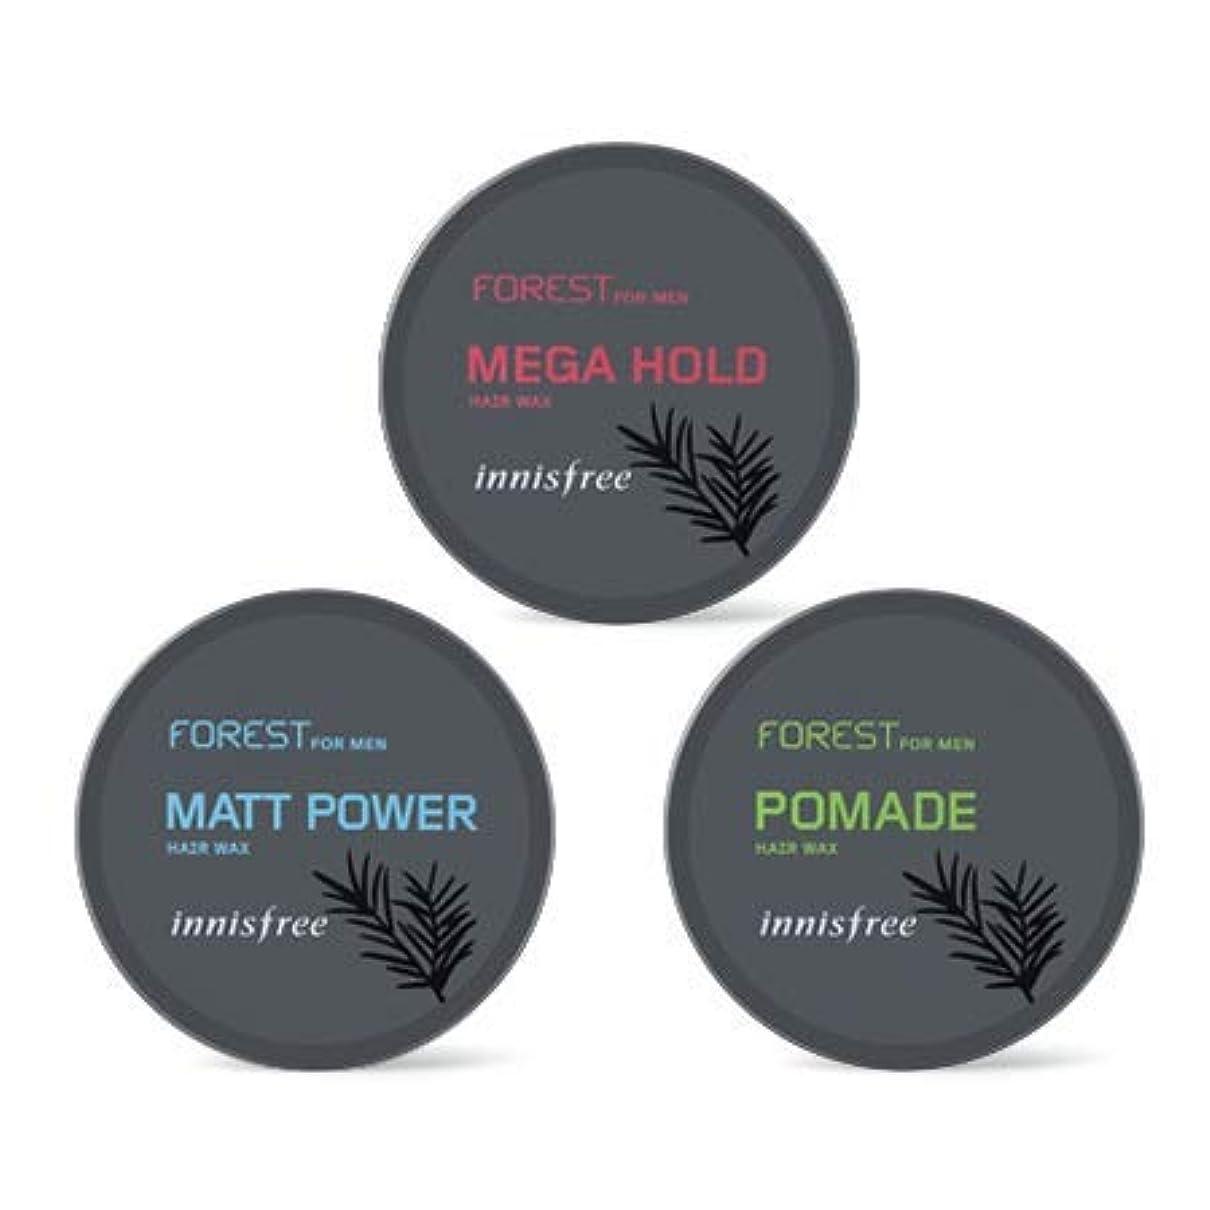 損傷感染する世紀[イニスフリー.INNISFREE](公式)フォレストフォアマンヘアワックス(3種)/ Forest For Men Hair Wax(60G、3 kind) (# mega hold)